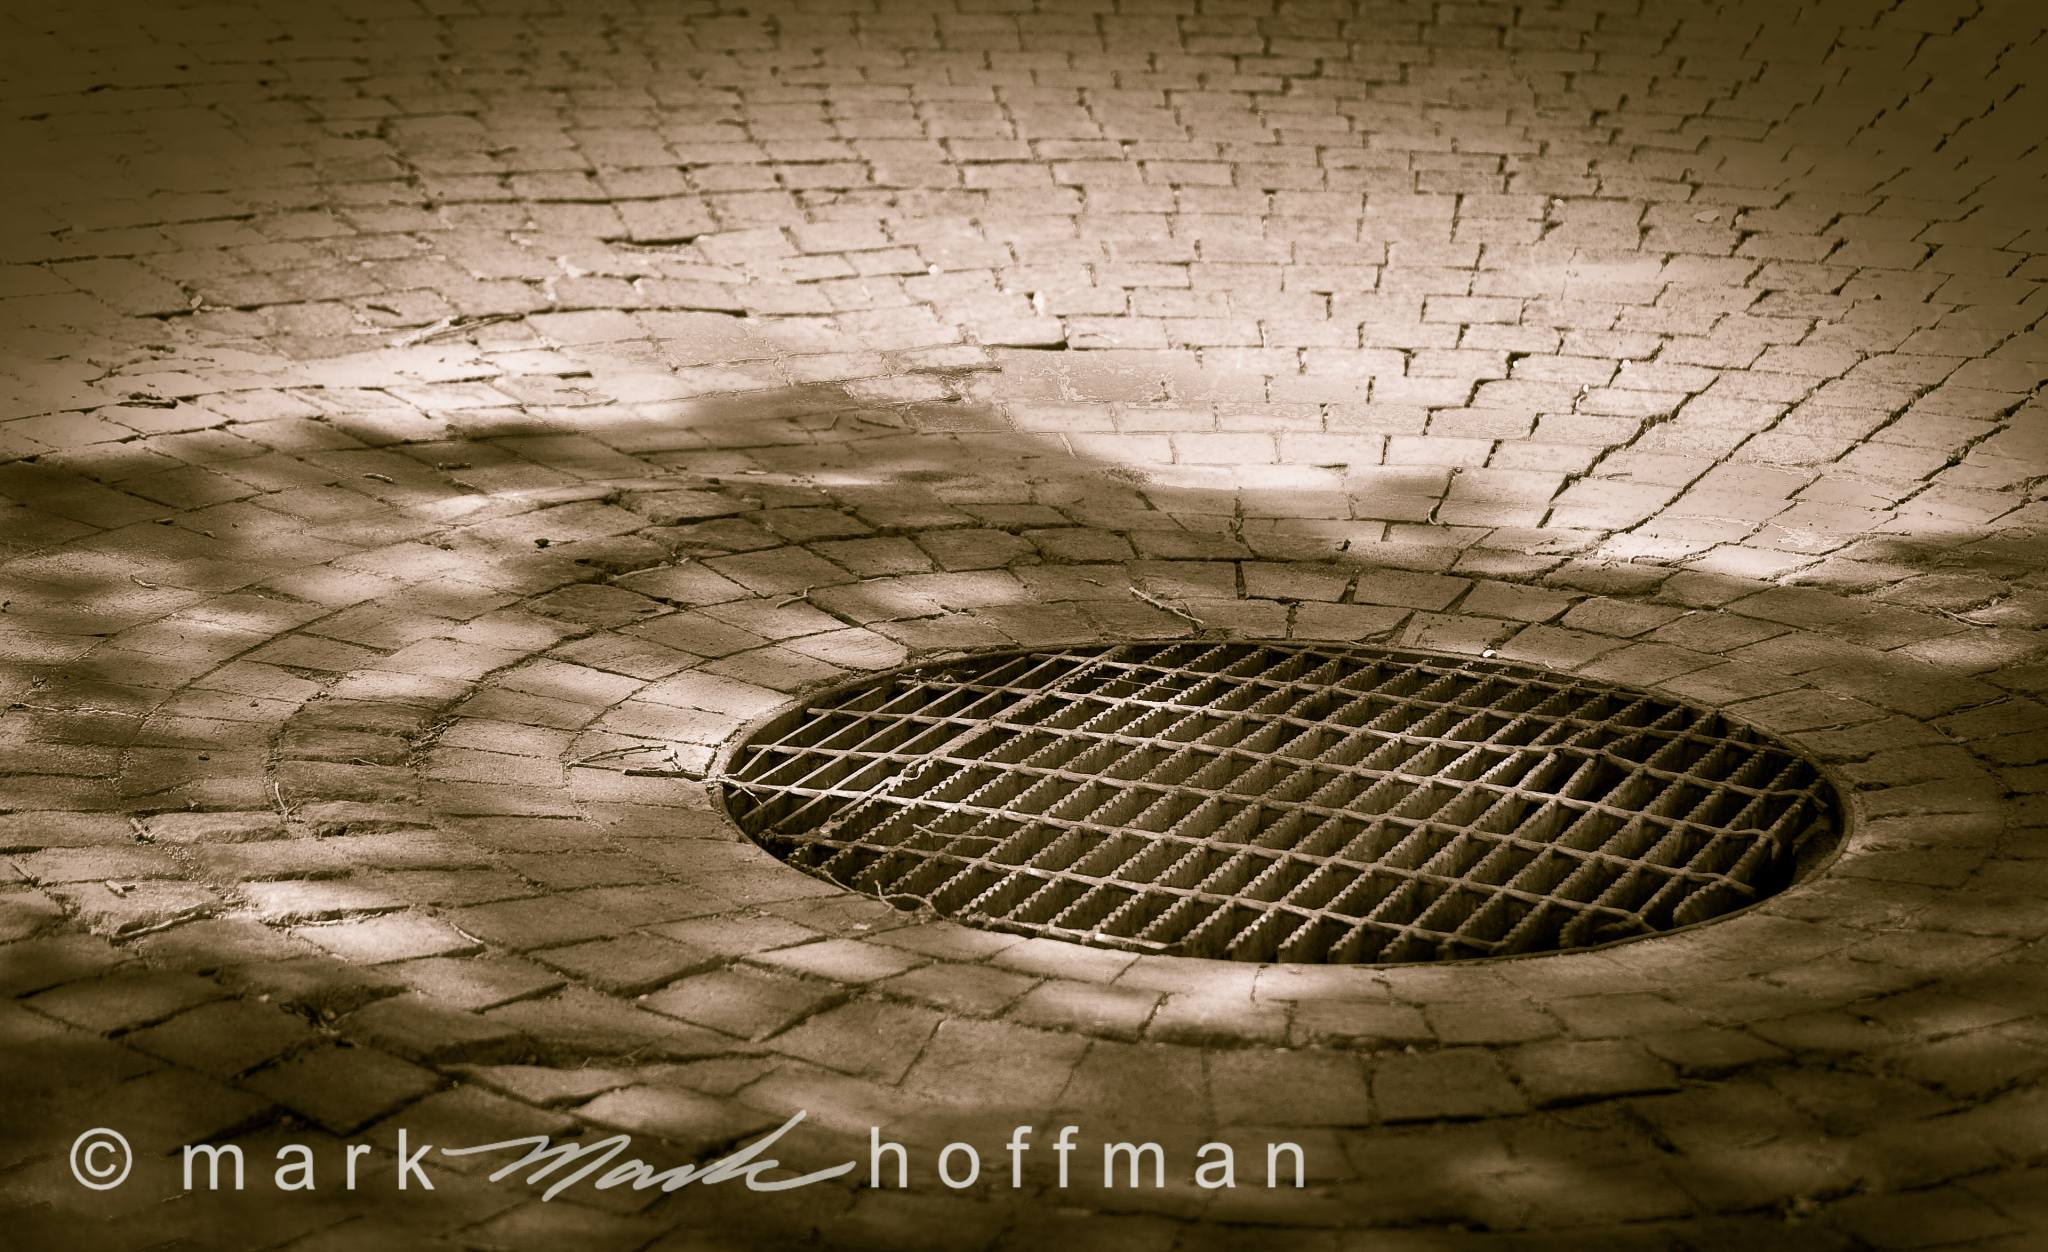 Mark_Hoffman_photophart_ND27335_cap1_var1.jpg